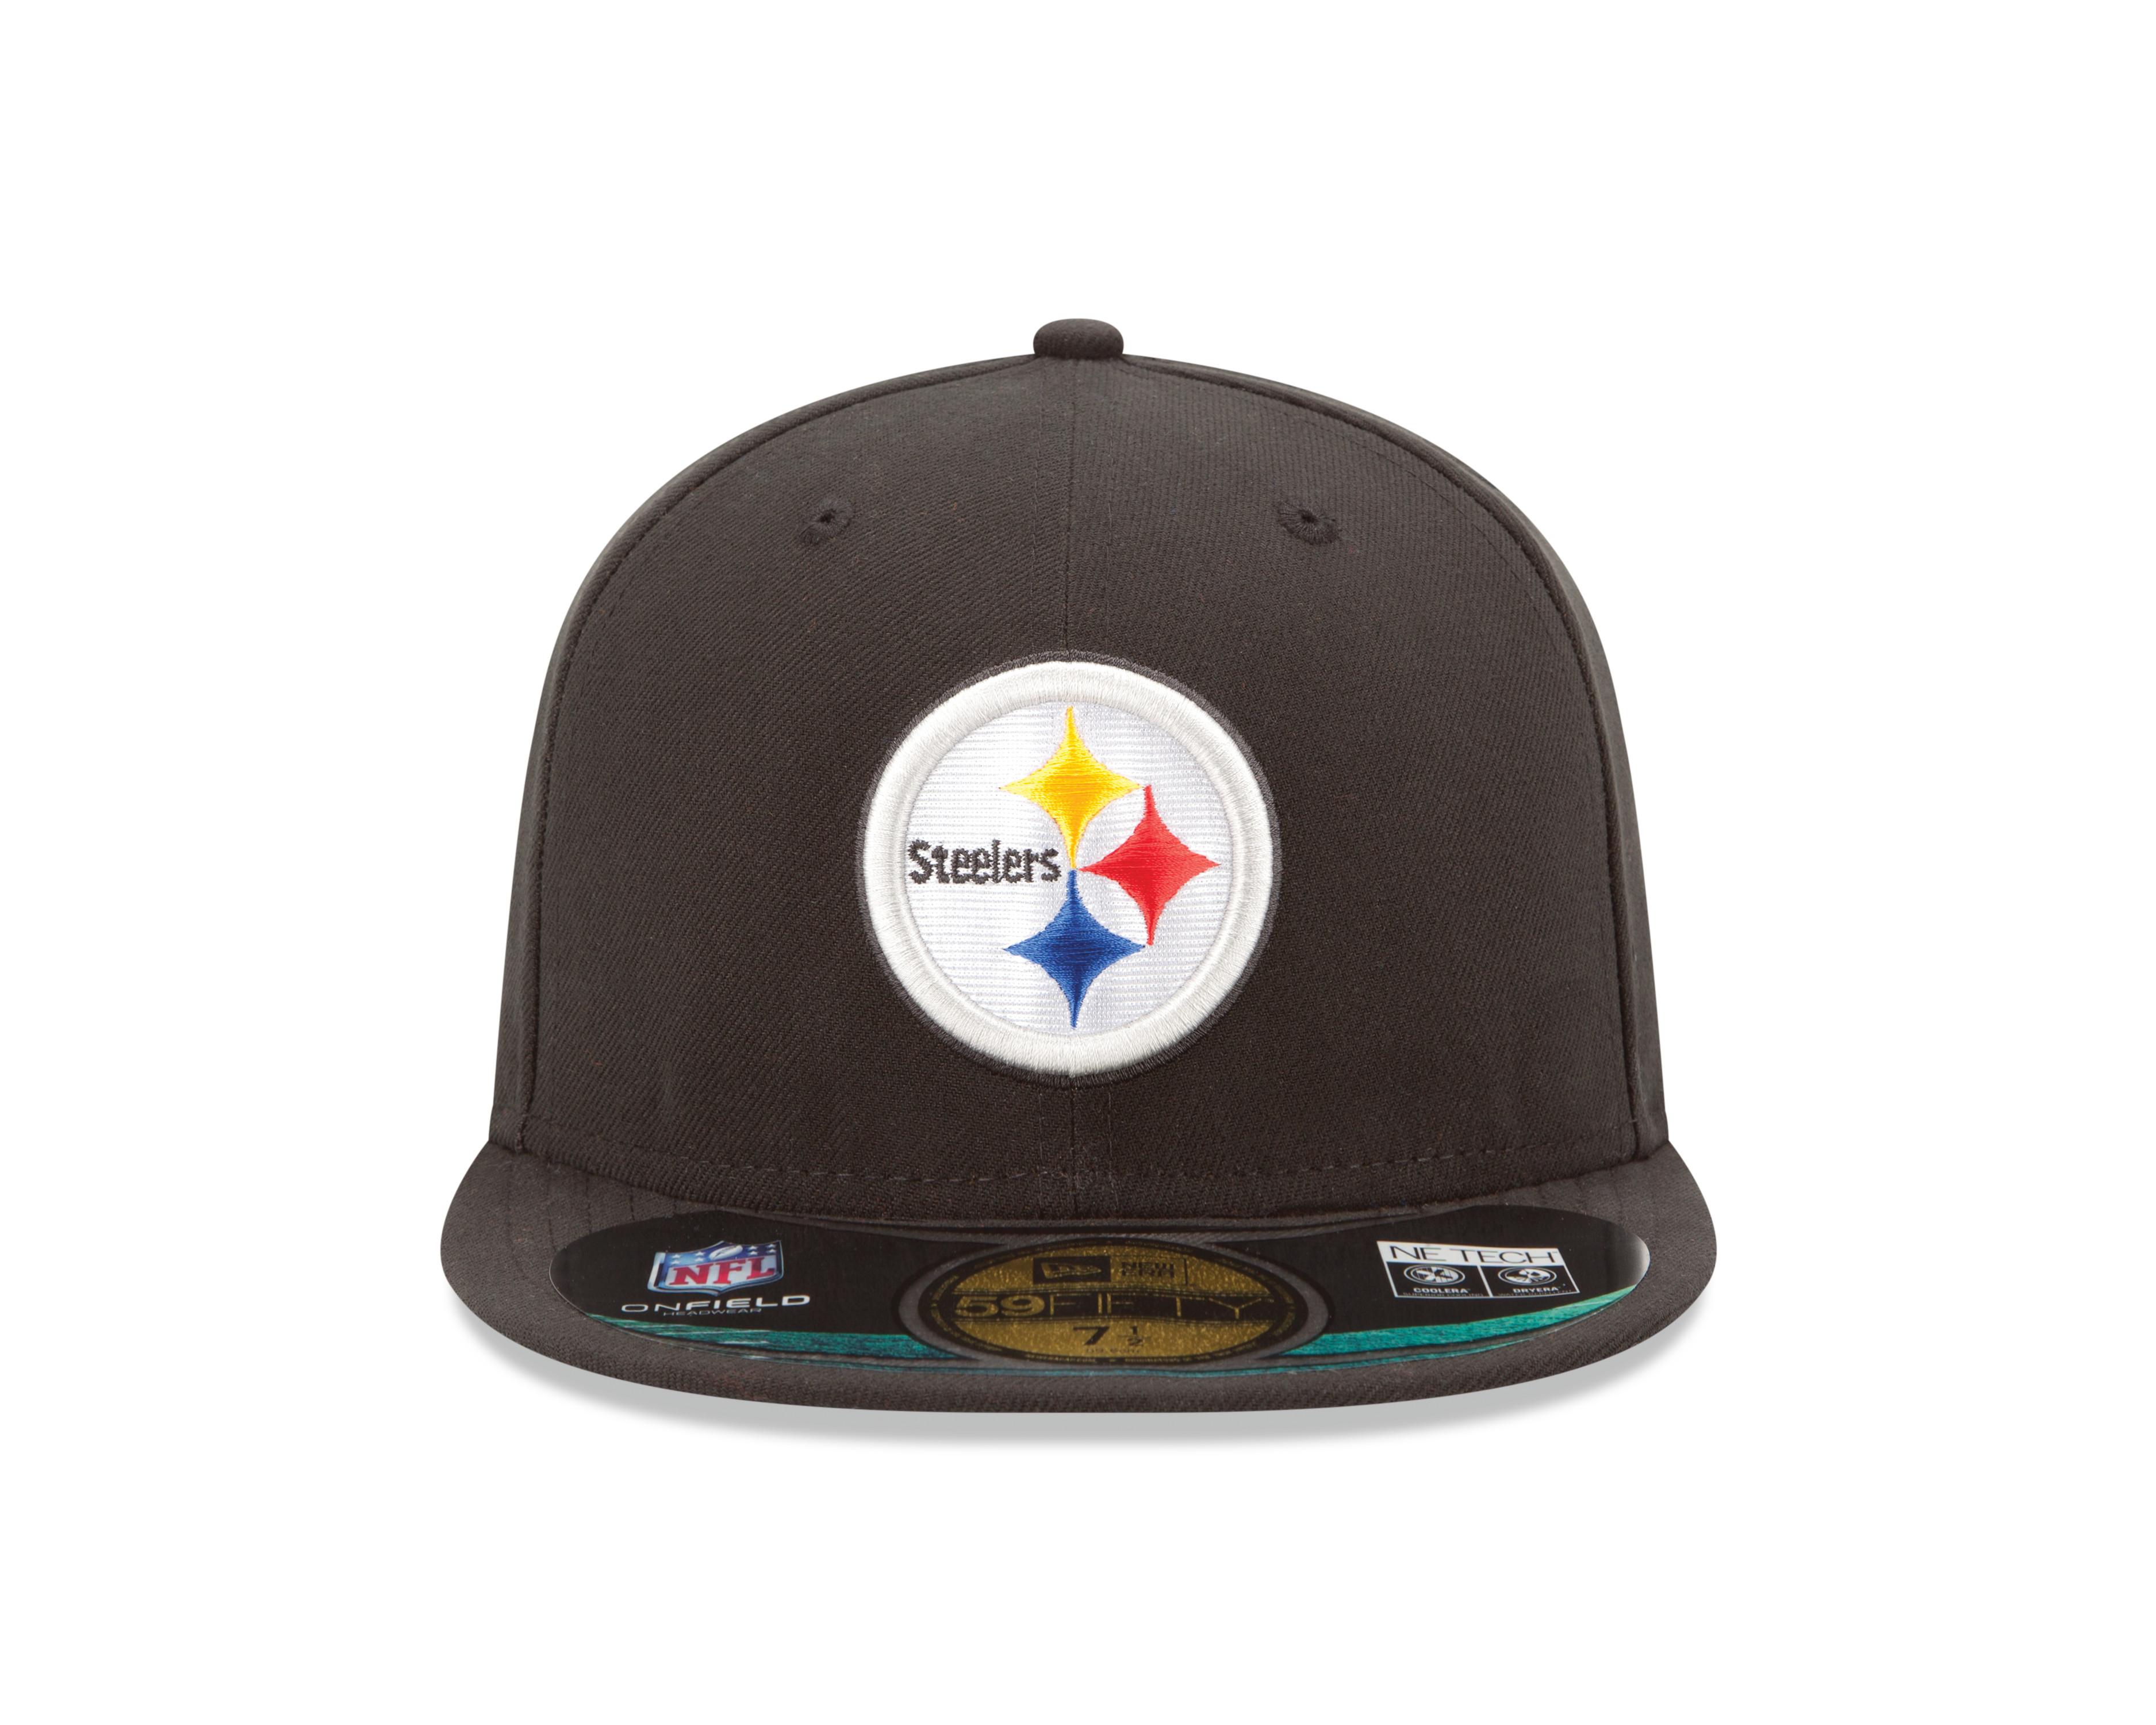 New Era presenta los nuevos diseños de la NFL  262f79667f6